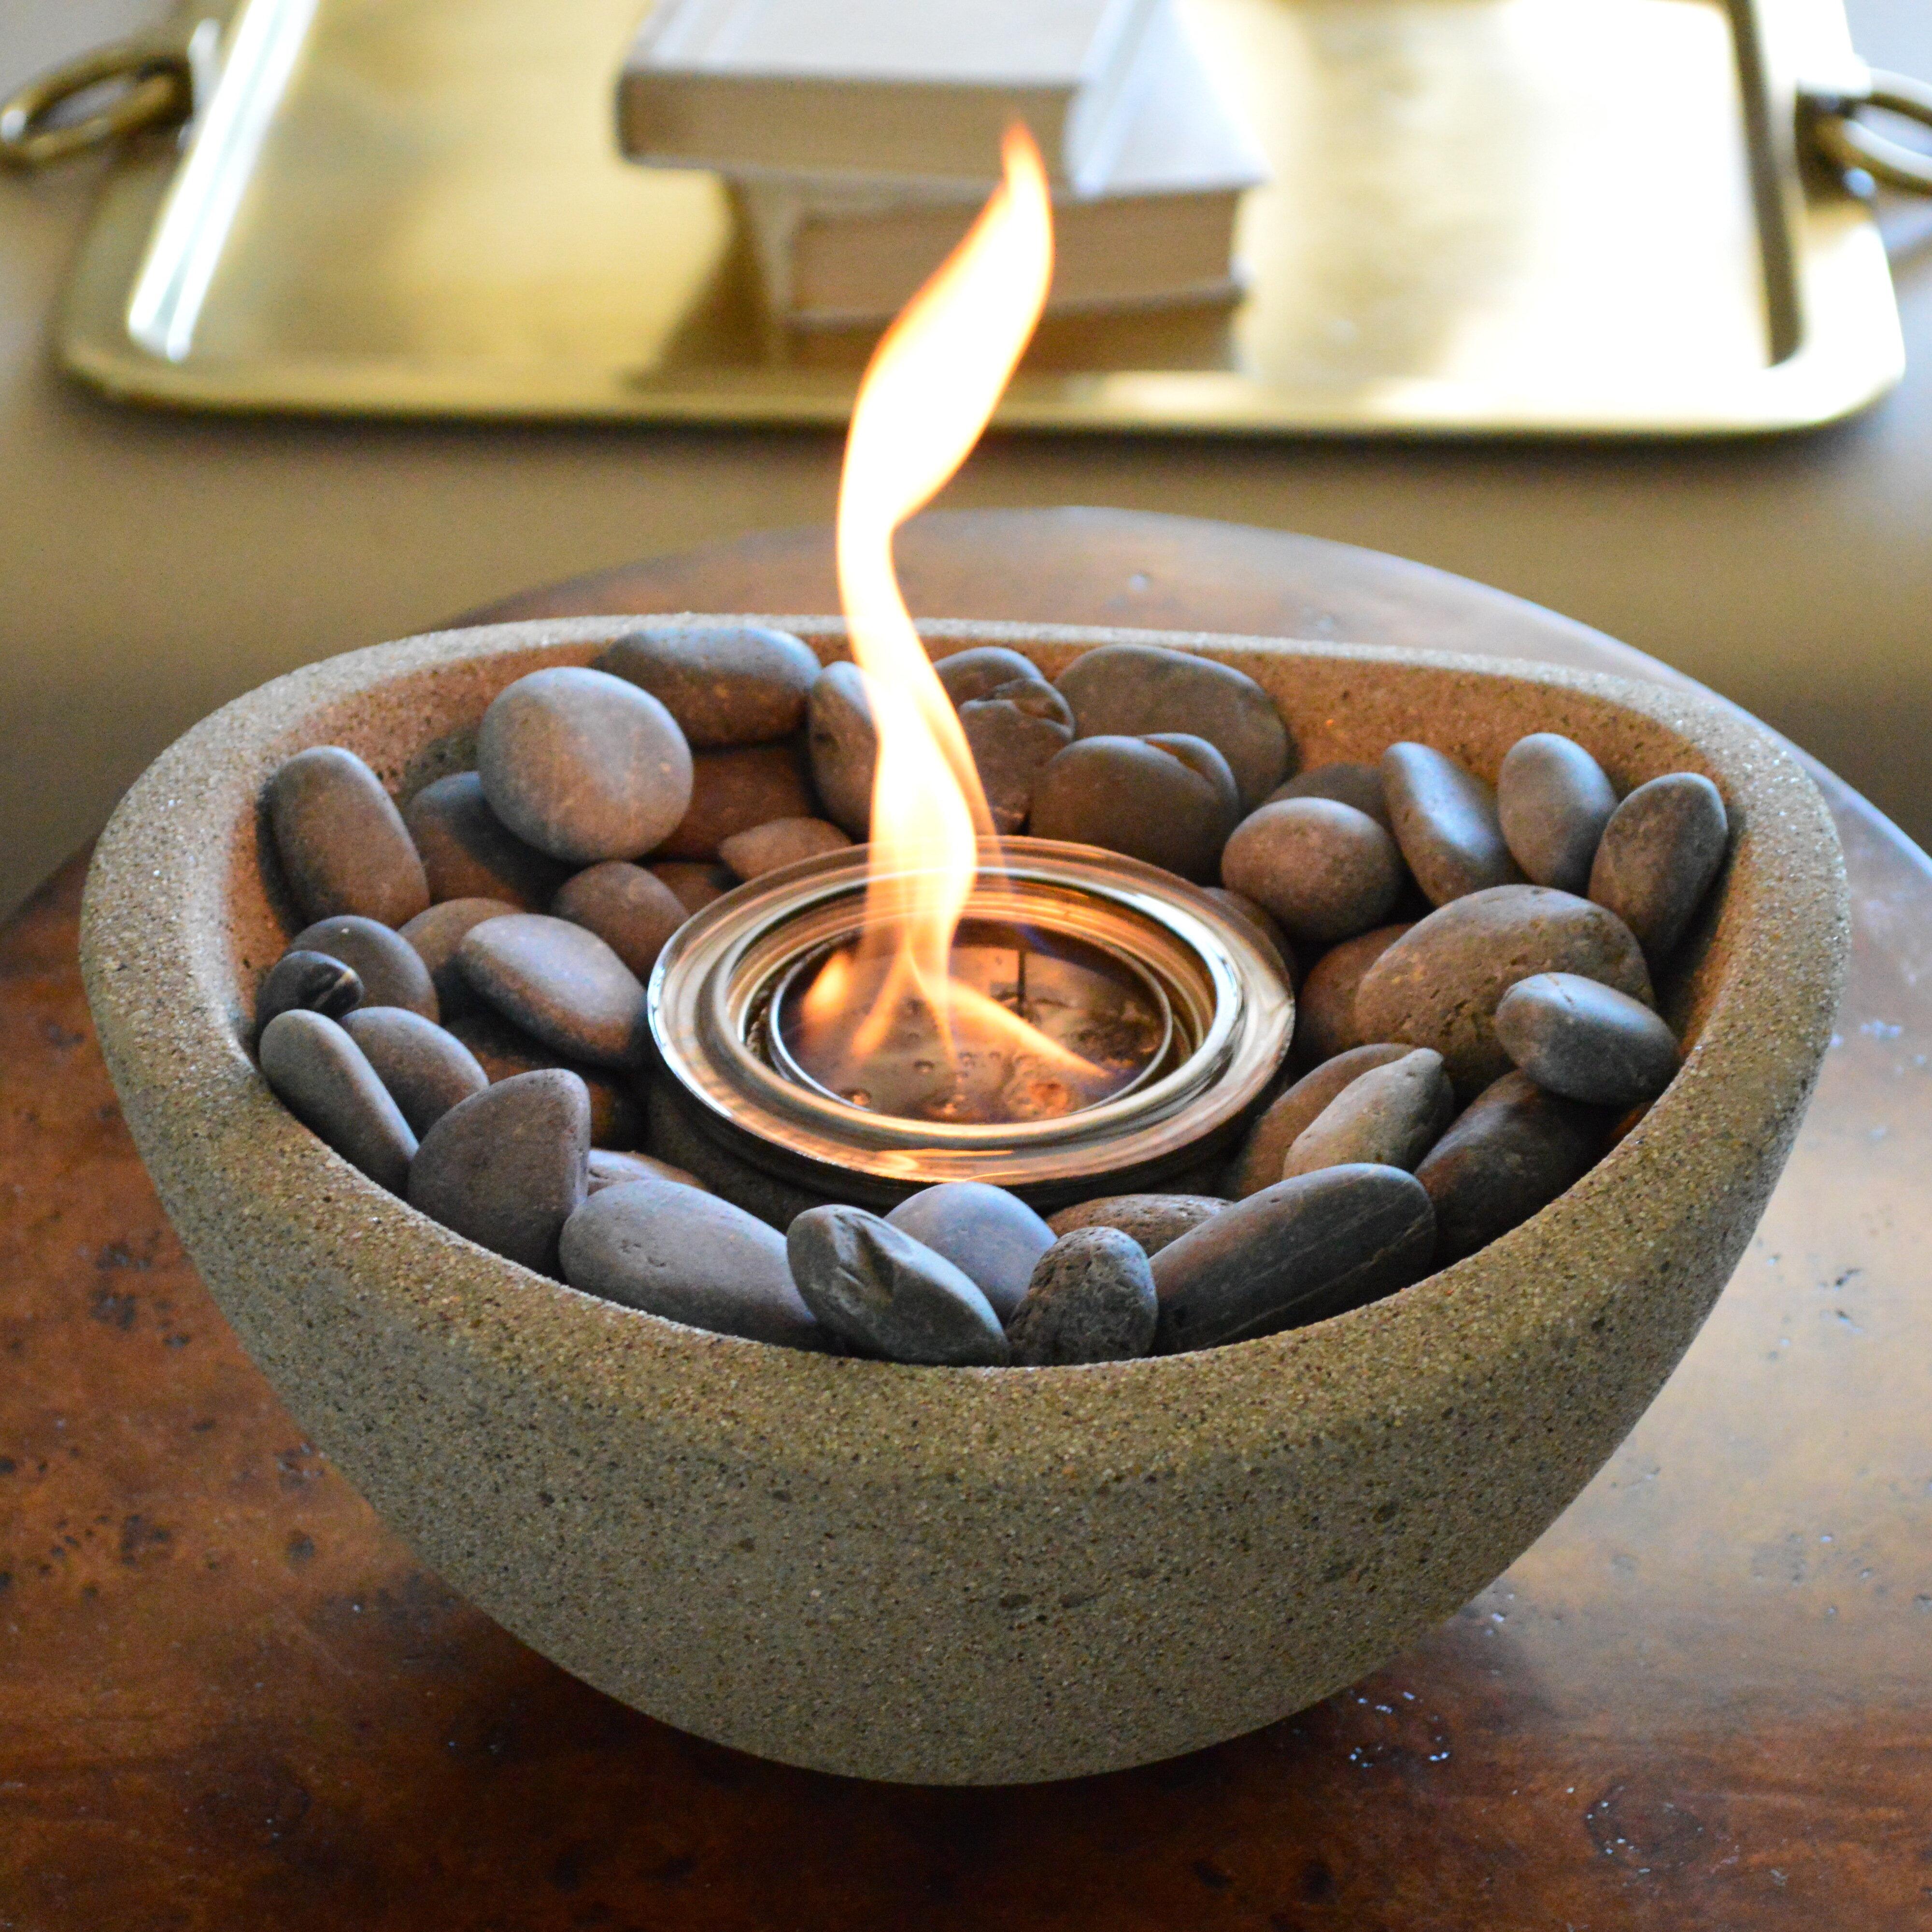 Terra Flame Wave Gel Fuel Tabletop Fireplace Reviews Wayfair